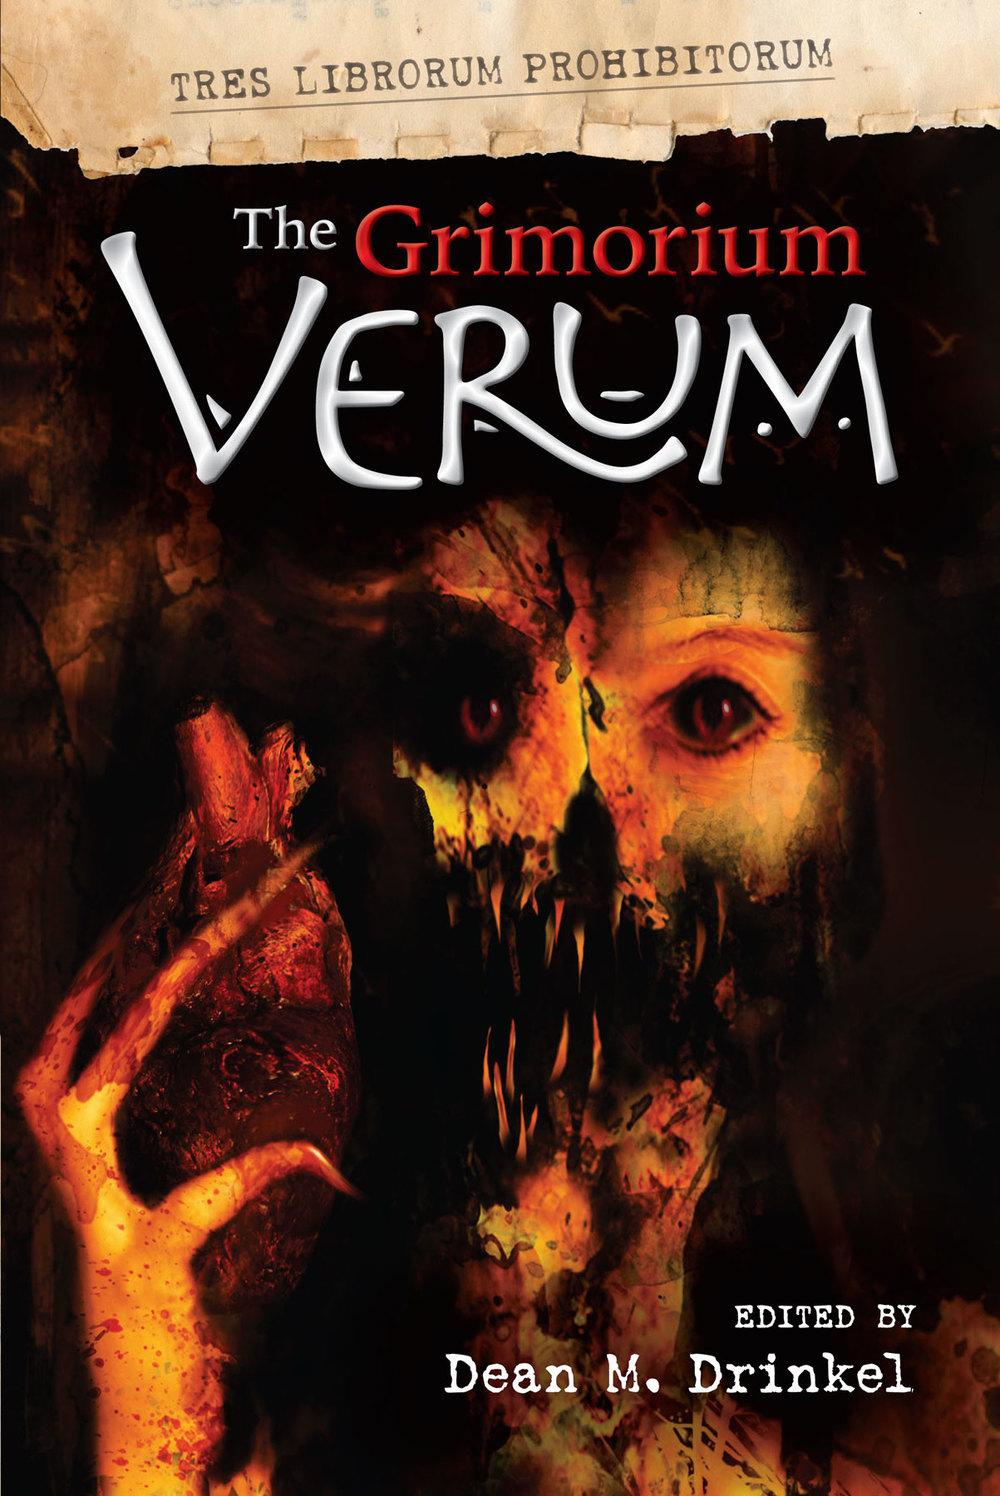 grimorium-verum-cover-wrap-web-2600x1800.jpg